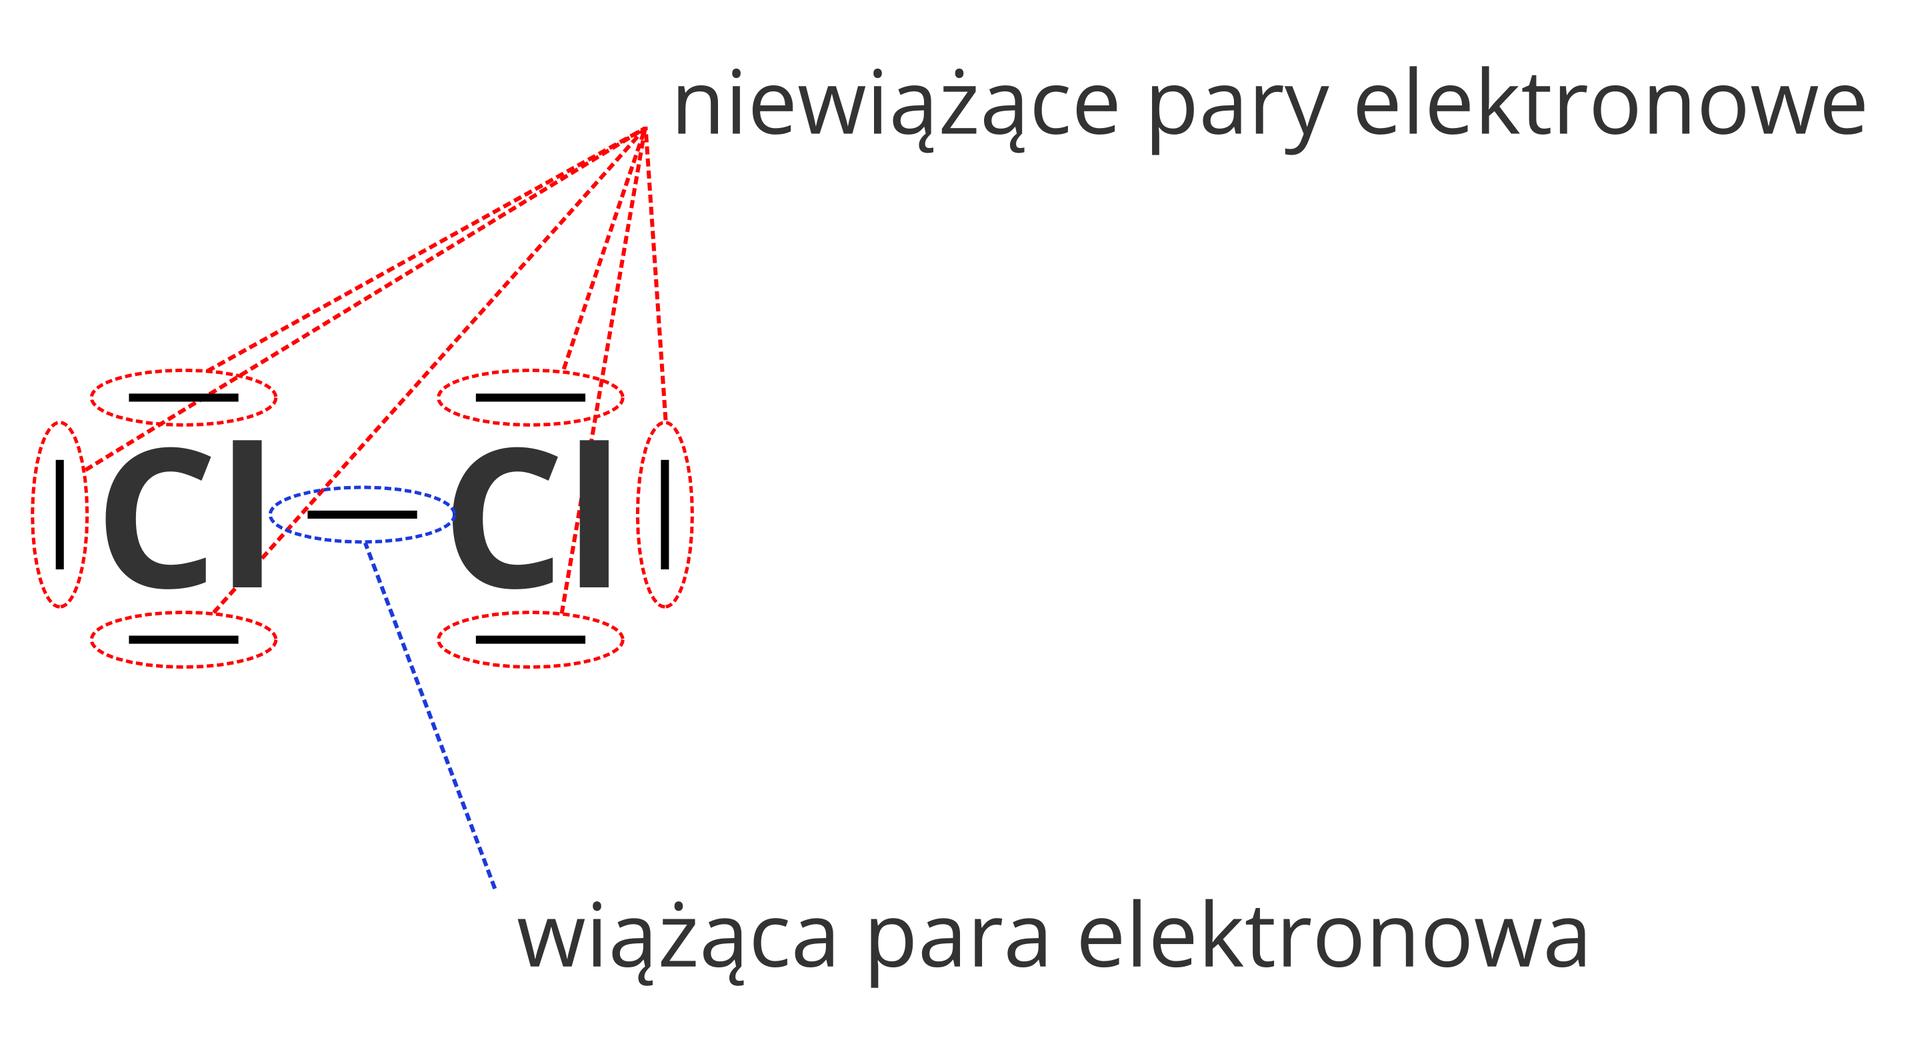 Ilustracja przedstawia różnice pomiędzy rodzajami par elektronowych wcząsteczkach, aprzy okazji również wsposobie ich oznaczania wzapisie kreskowym. Rysunek przedstawia dwuatomową cząsteczkę chloru wzapisie elektronowym kreskowym. Kreska łącząca ze sobą atomy chloru zaznaczona jest niebieskim kolorem ipodpisana jako Wiążąca para elektronowa. Zkolei kreski otaczające oba atomy chloru inie łączące ich ze sobą oznaczone są kolorem czerwonym ipodpisane Niewiążące pary elektronowe.